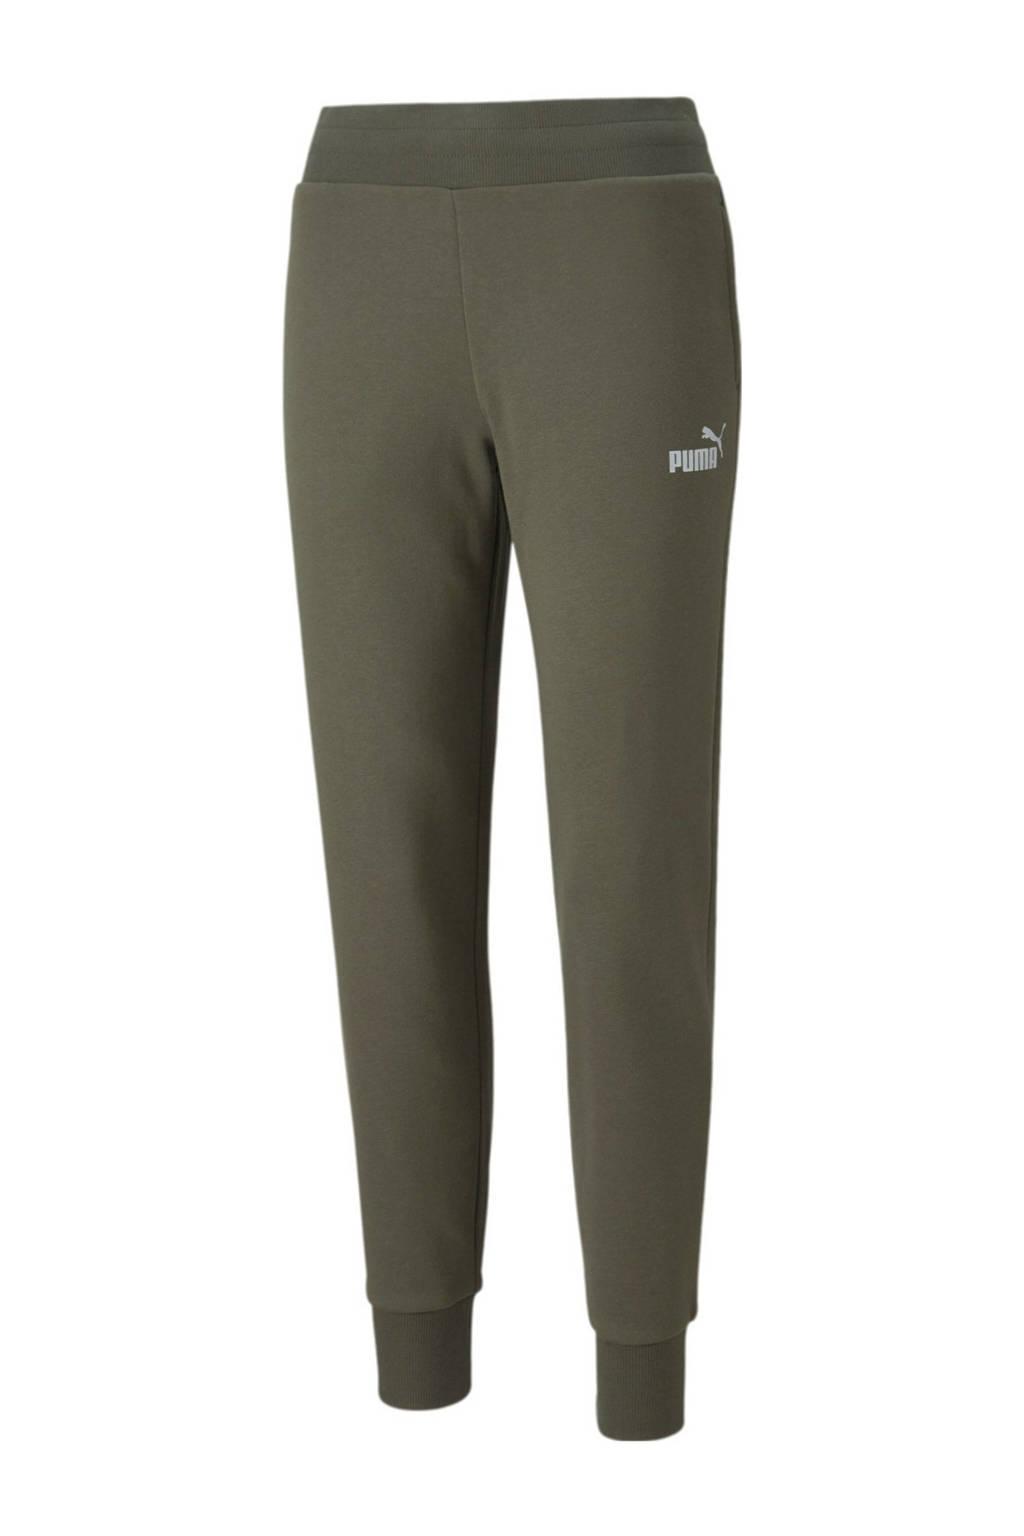 Puma regular fit broek met logo groen/zilver, Groen/zilver